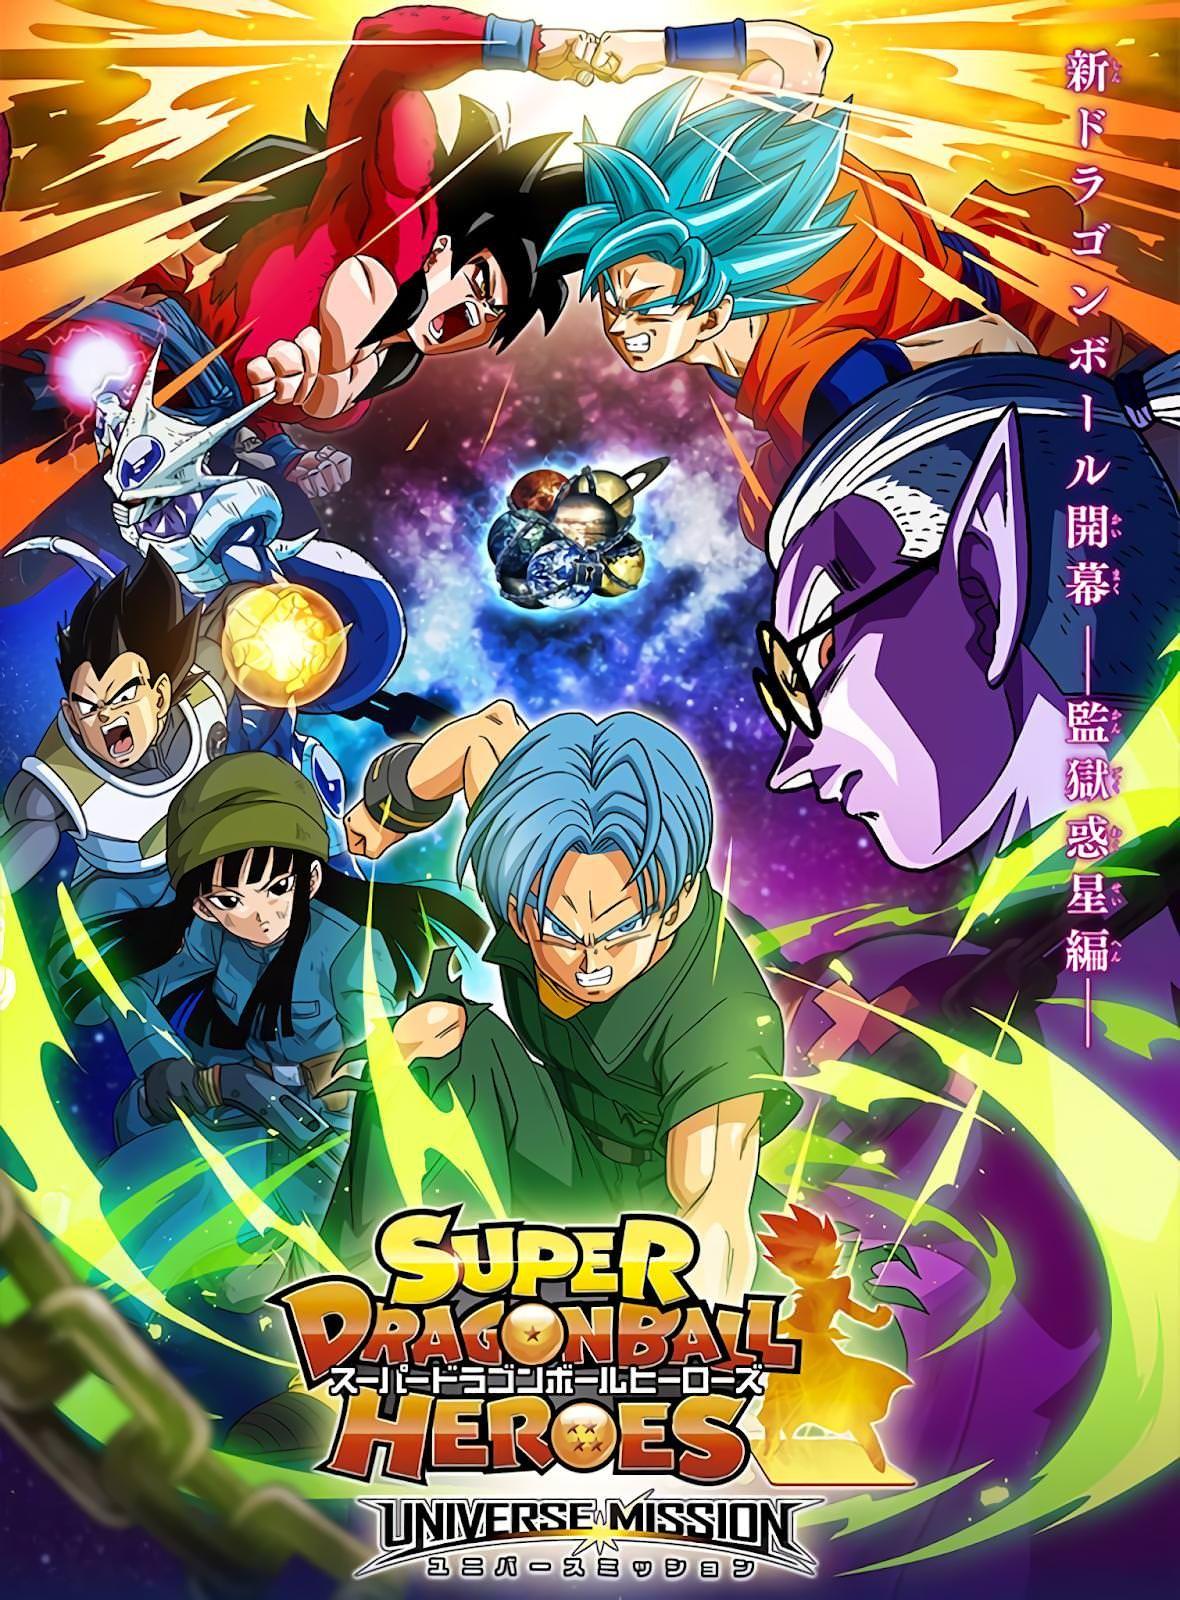 SUPER DRAGON BALL HEROES, première bande annonce de l